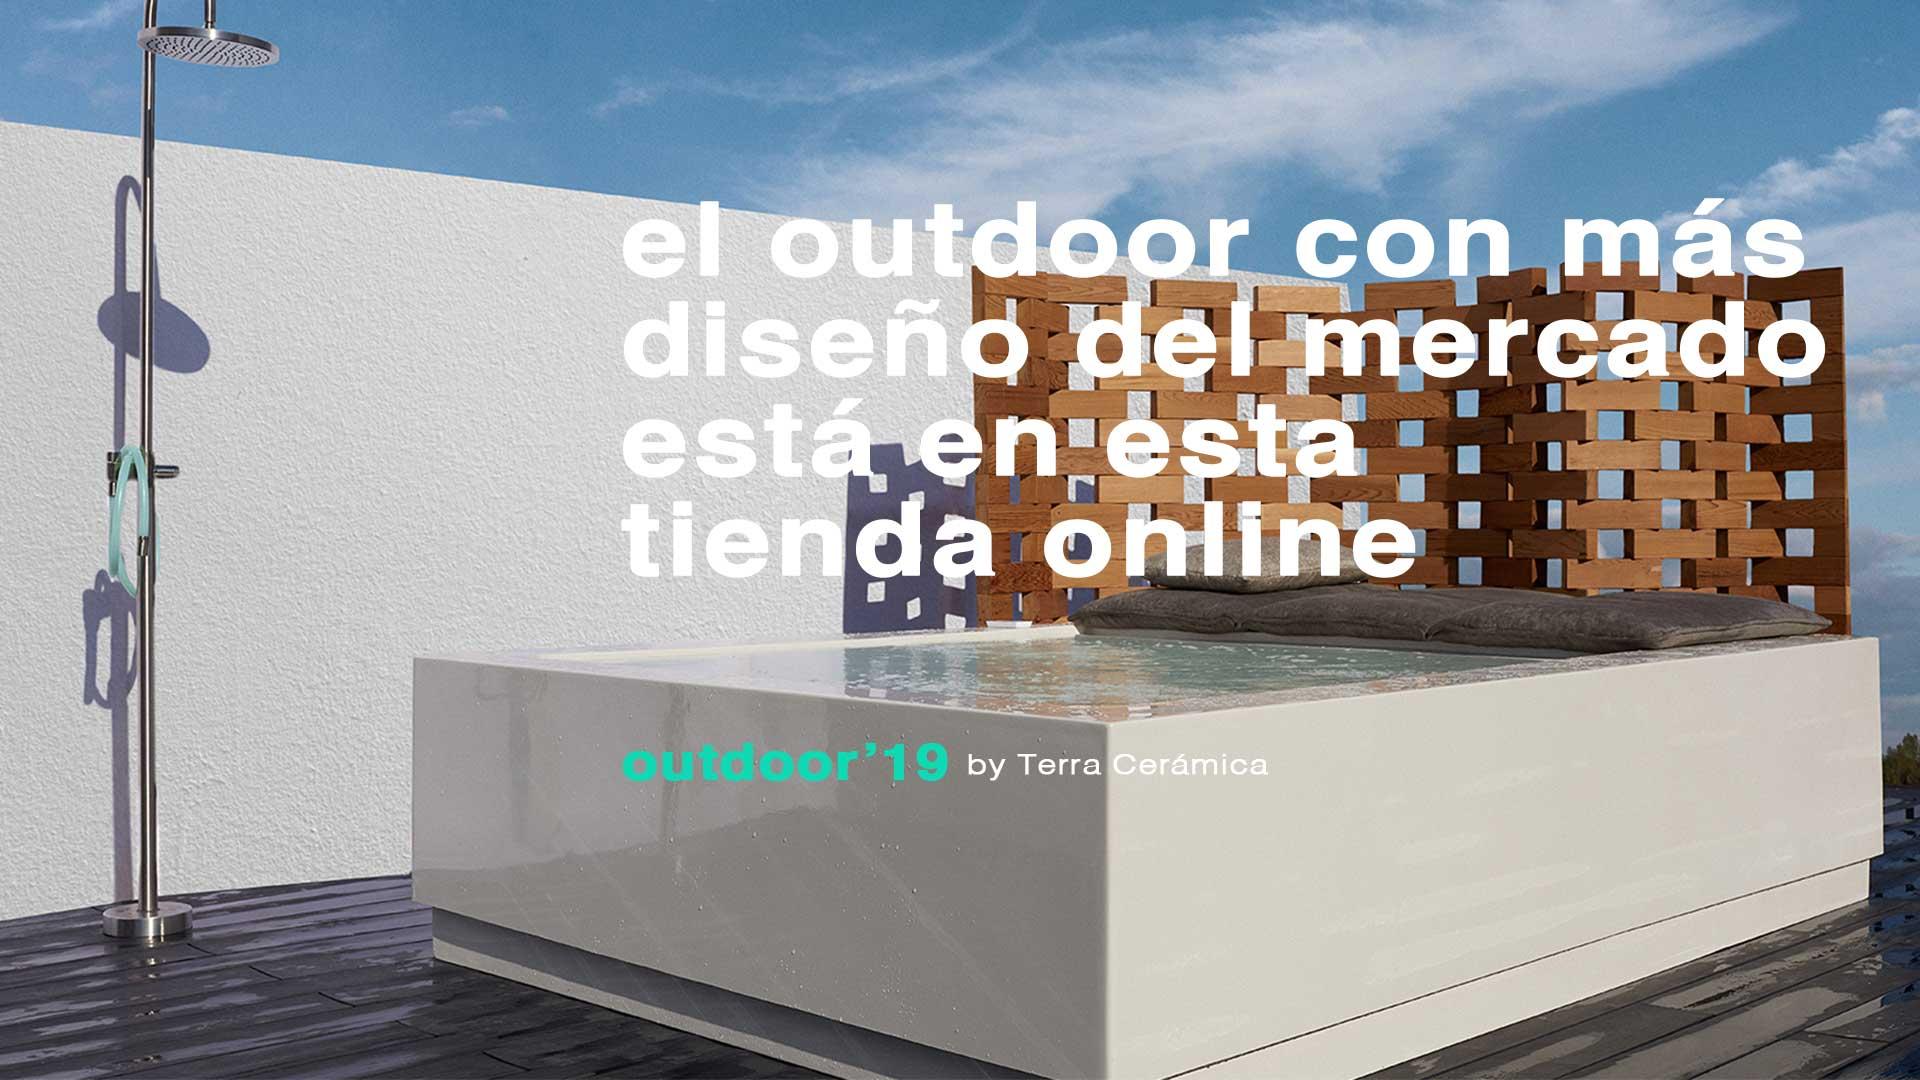 Compra online el outdoor con más diseño del mercado